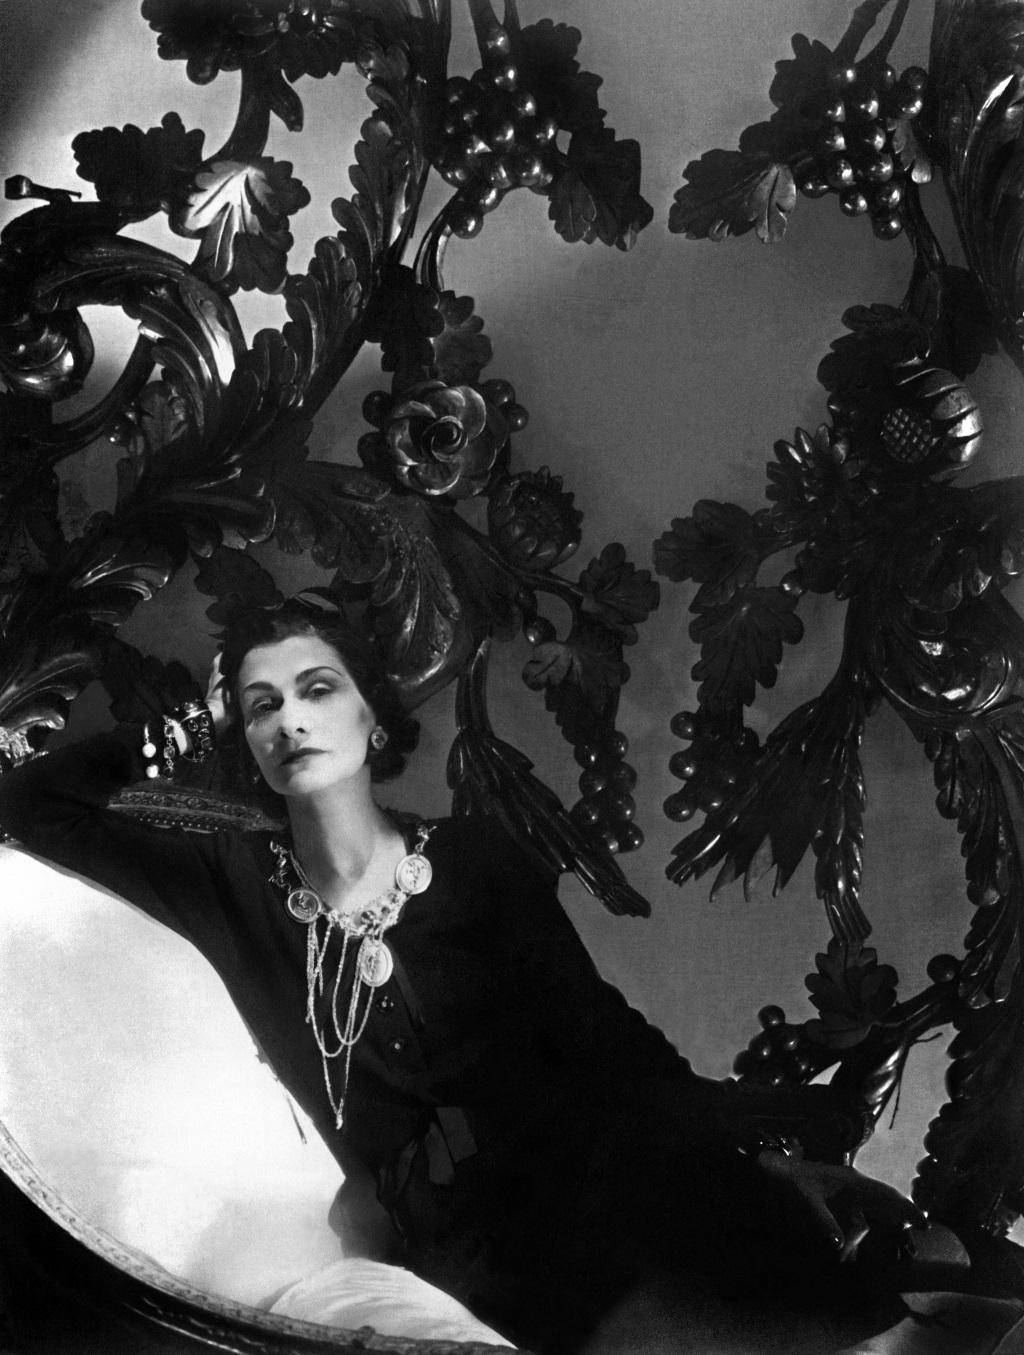 """""""La belleza absoluta la tiene el negro y el blanco. Viste con uno u otro y en mitad de una fiesta solo habrá ojos para ti"""", decía Coco, quien durante años se uniformó en negro."""